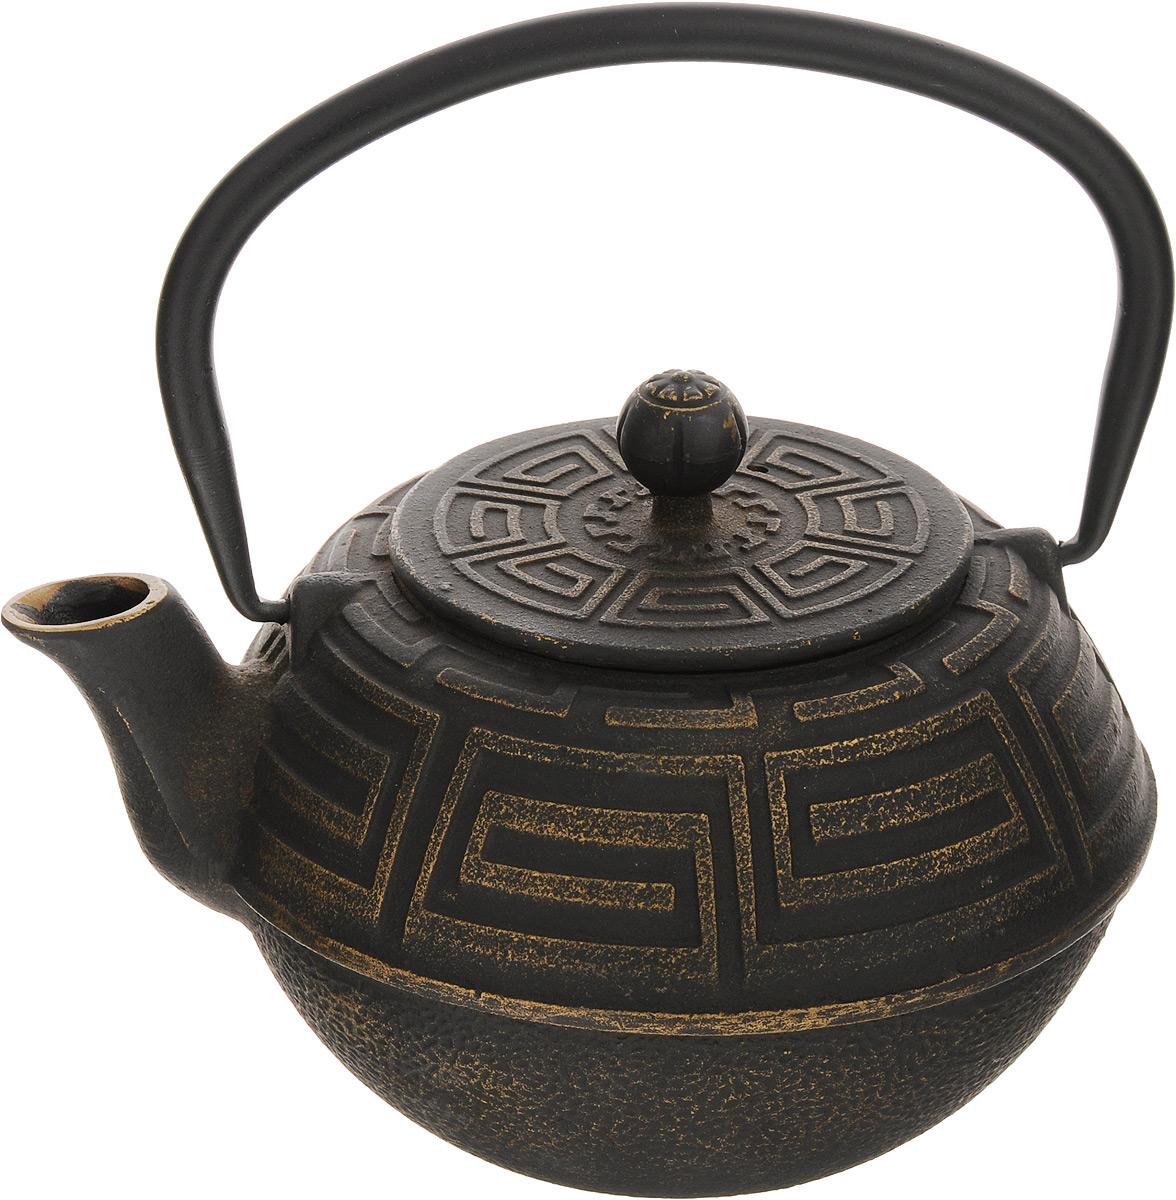 Чайник заварочный Mayer & Boch, чугунный, с фильтром, 1,5 л23696Заварочный чайник Mayer & Boch изготовлен из чугунавысокого качества. Внешние стенки изделия оформленыизысканным рельефом.Чугунный чайник дольше другихудерживает тепло. Вода в нем будет оставаться горячей ипригодной для заваривания чая в течение часа. Кремнийорганический термостойкий лак предотвращаетпоявление ржавчины. Чайник оснащен чугунной подвижнойручкой и съемным фильтром из нержавеющей стали, которыйзадерживает заварку и предотвращает ее попадание в чашку. Заварочный чайник Mayer & Boch украсит любую чайнуюцеремонию, а также станет прекрасным подарком на любоеторжество.Диаметр чайника (по верхнему краю): 9 см.Высота чайника (без учета крышки и ручки): 9,5 см.Высота чайника (с учетом ручки): 18 см.Диаметр фильтра (по верхнему краю): 8,7 см. Высота фильтра: 6 см.